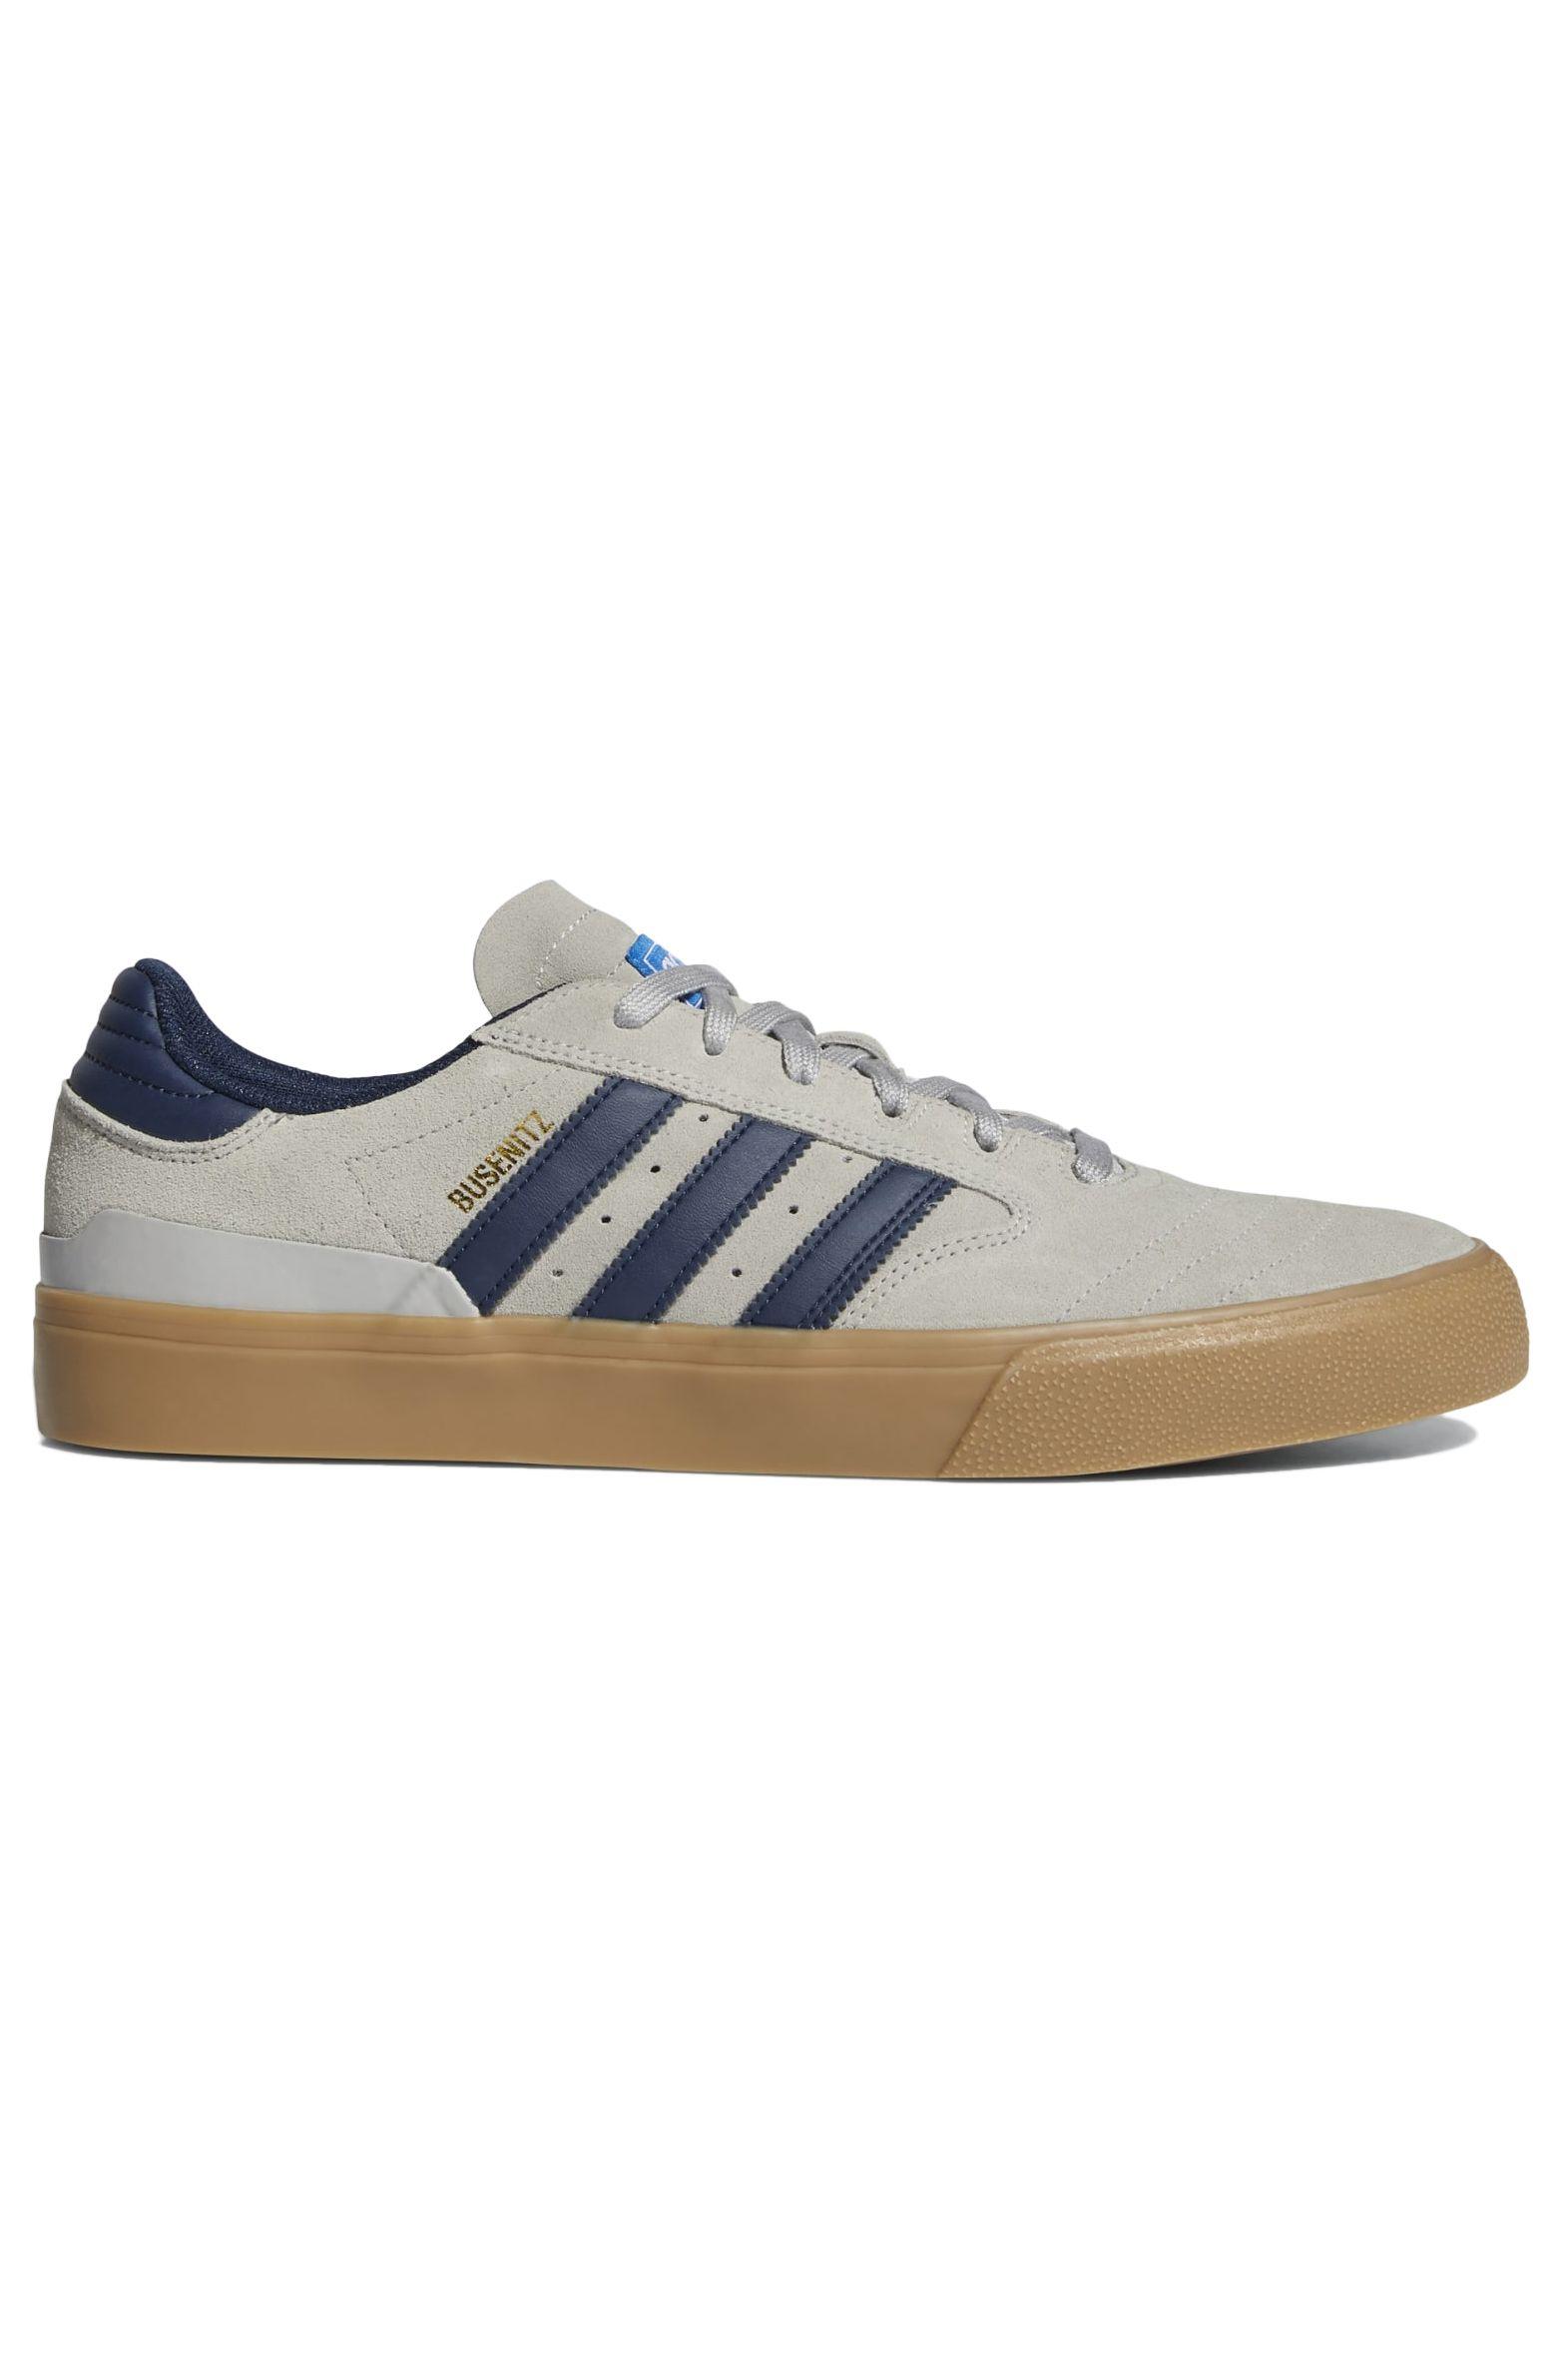 Adidas Shoes BUSENITZ VULC II Gretwo/Conavy/Gum4